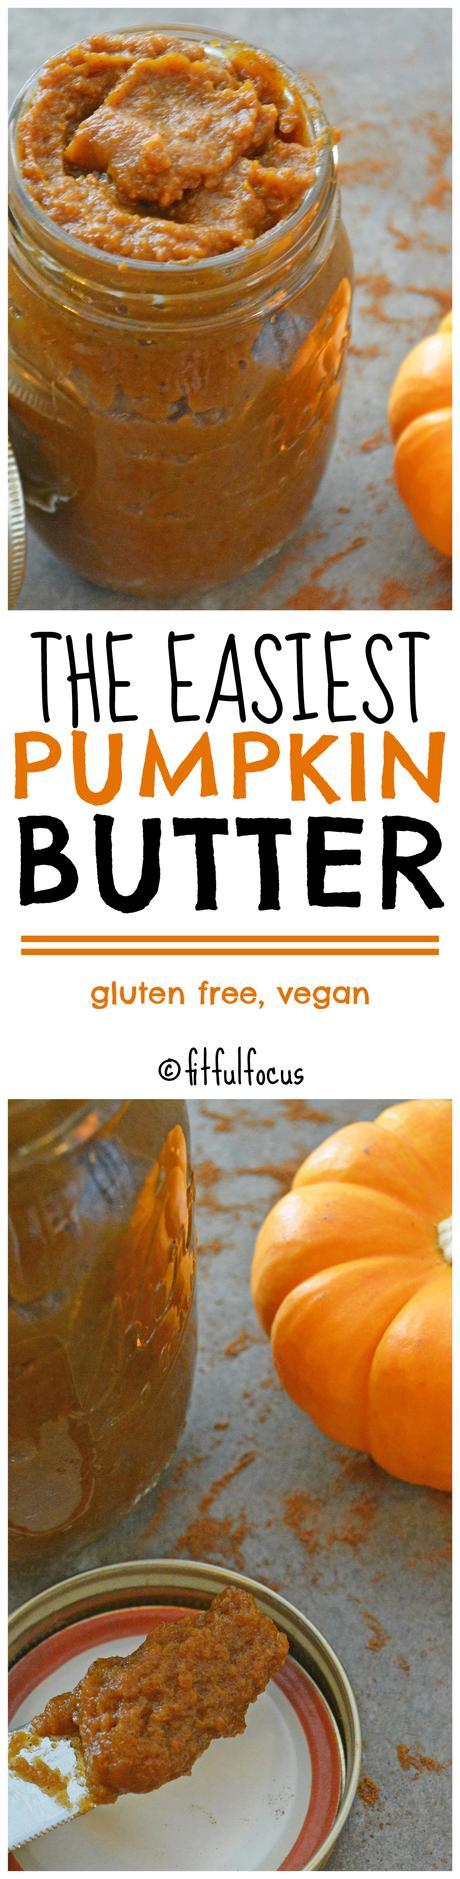 The Easiest Pumpkin Butter (gluten free, vegan)